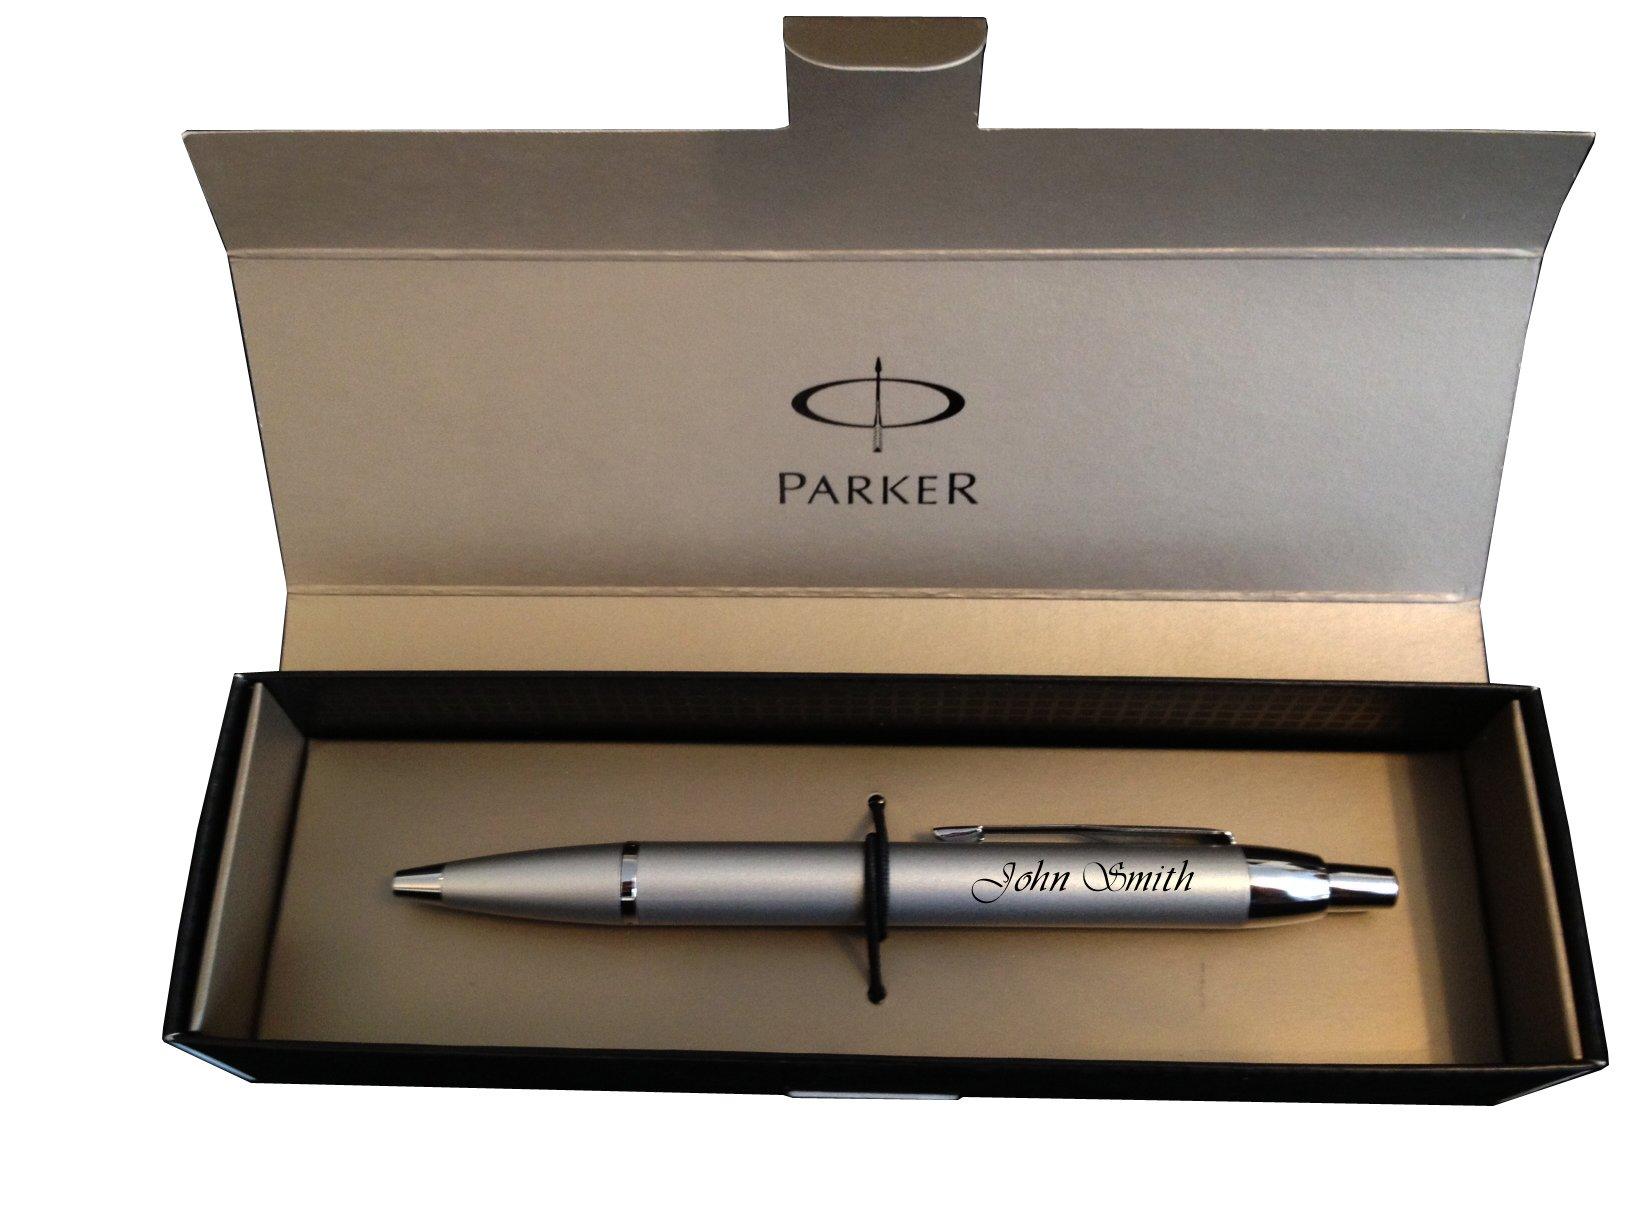 parker pen marketing blunder